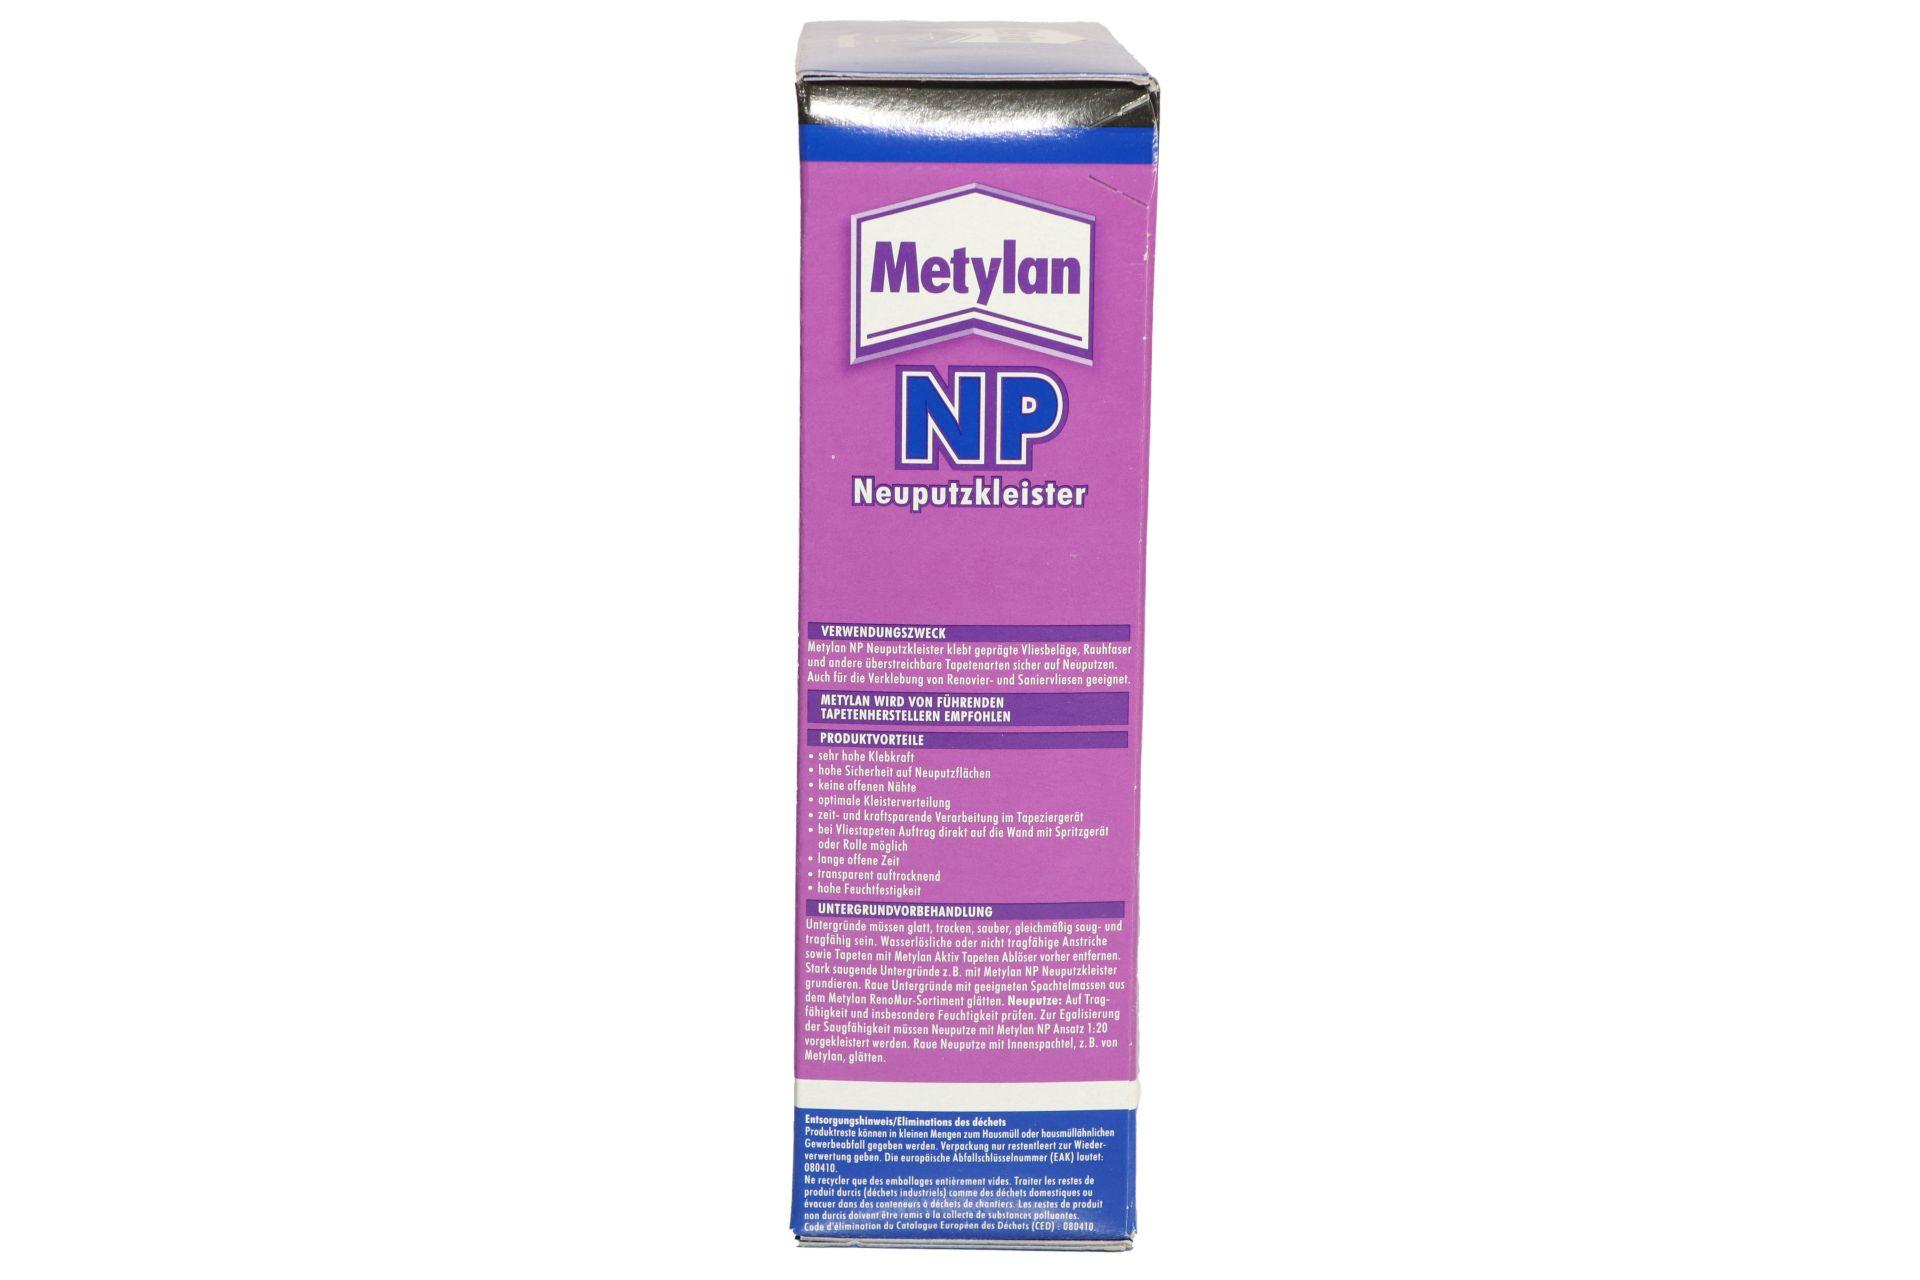 Metylan NP, Neuputzkleister, Ausbeute ca. 60 m², 1 kg